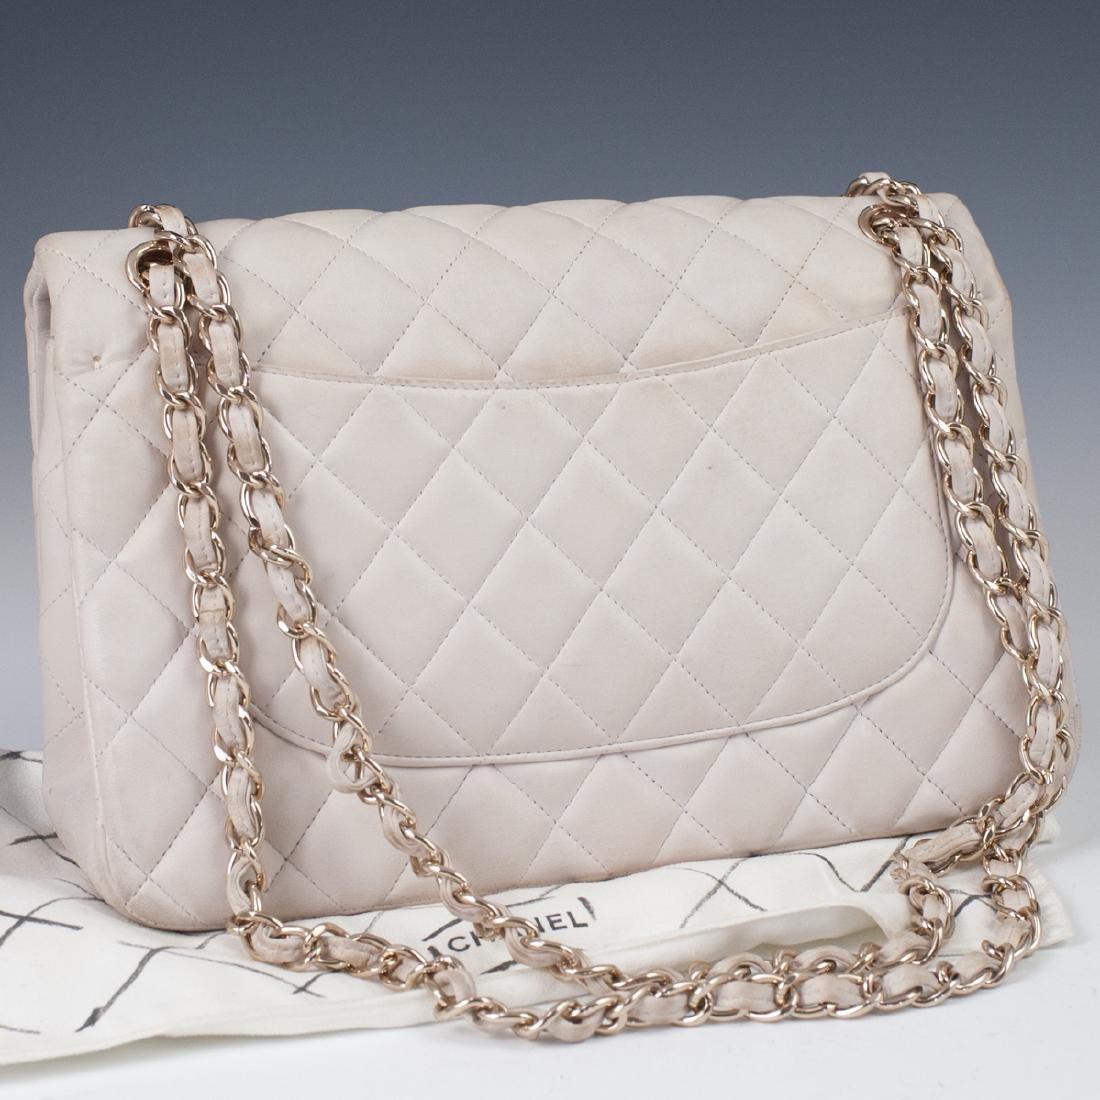 Chanel Light Beige Calfskin Flap Bag - 8